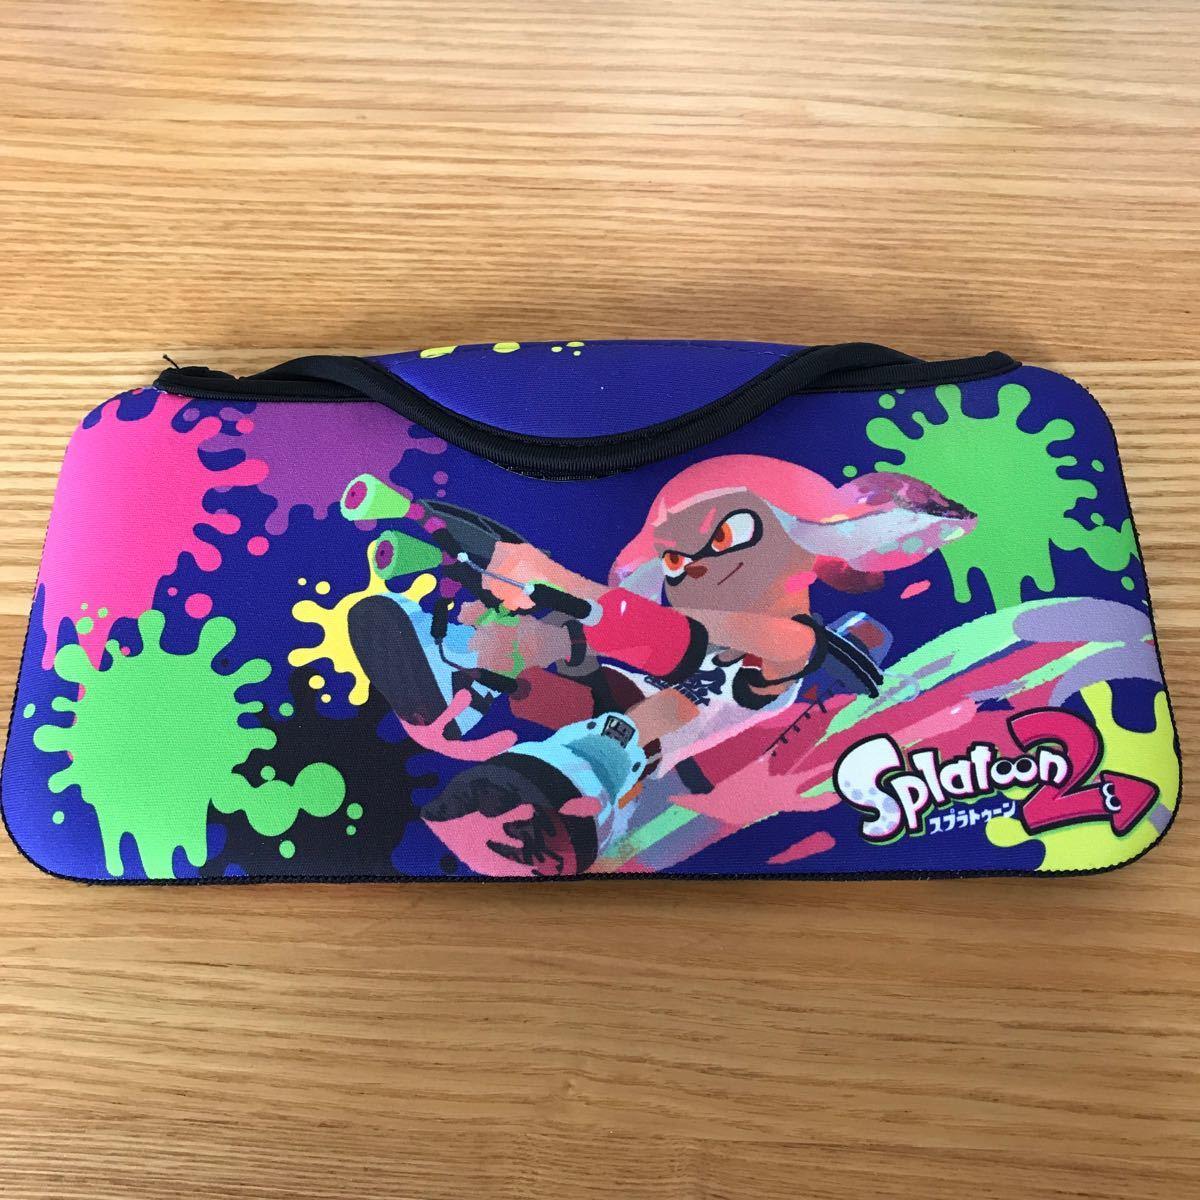 ニンテンドースイッチケース スプラトゥーン2 ケース Nintendo Switch 任天堂スイッチ ニンテンドースイッチ 任天堂